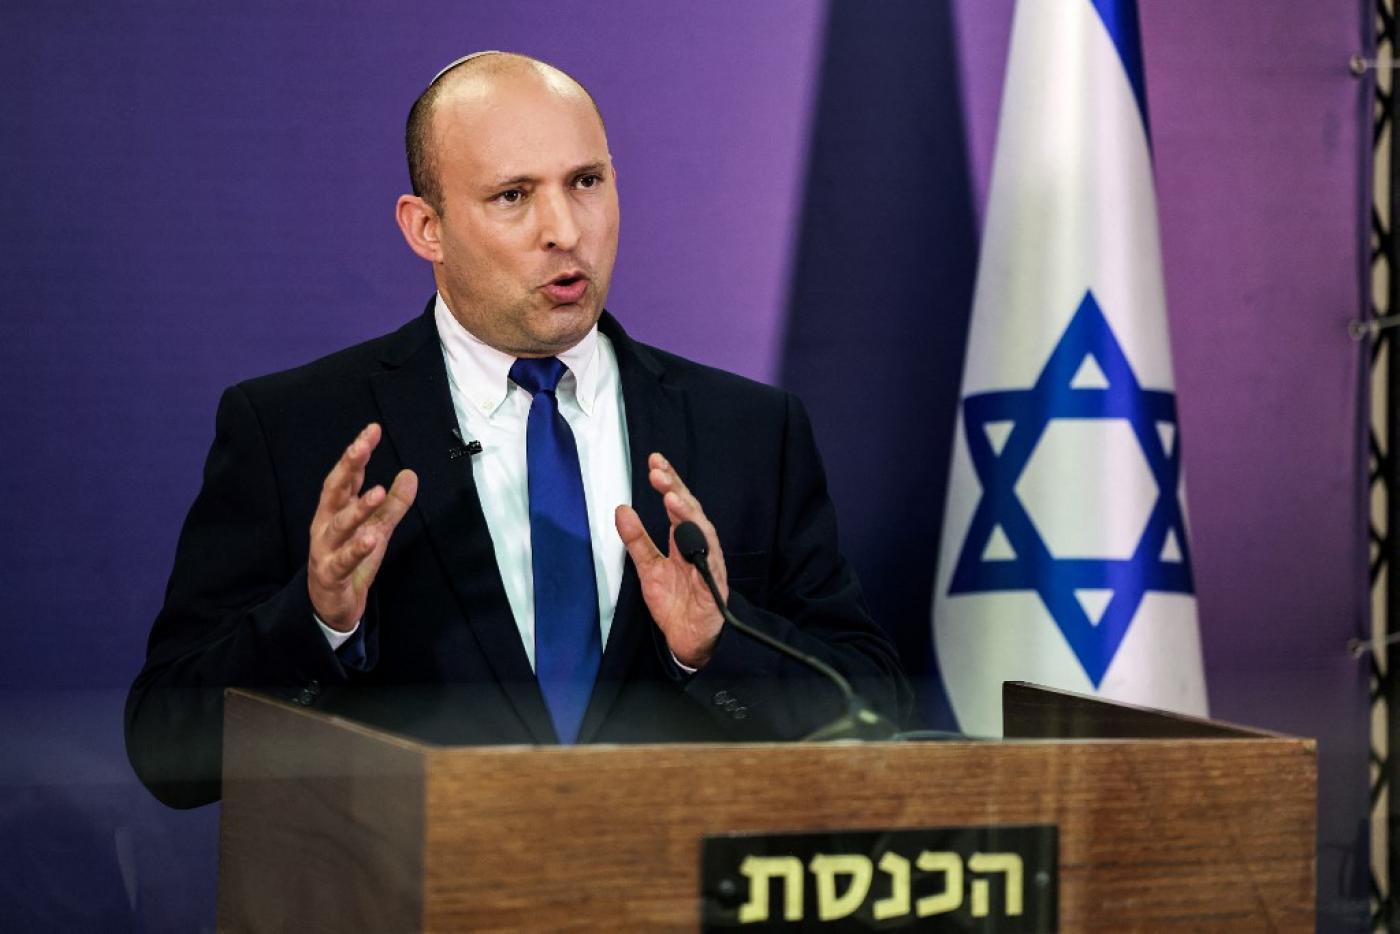 Netanyahu Out, Naftali Bennett Sworn In As Israel's New Prime Minister